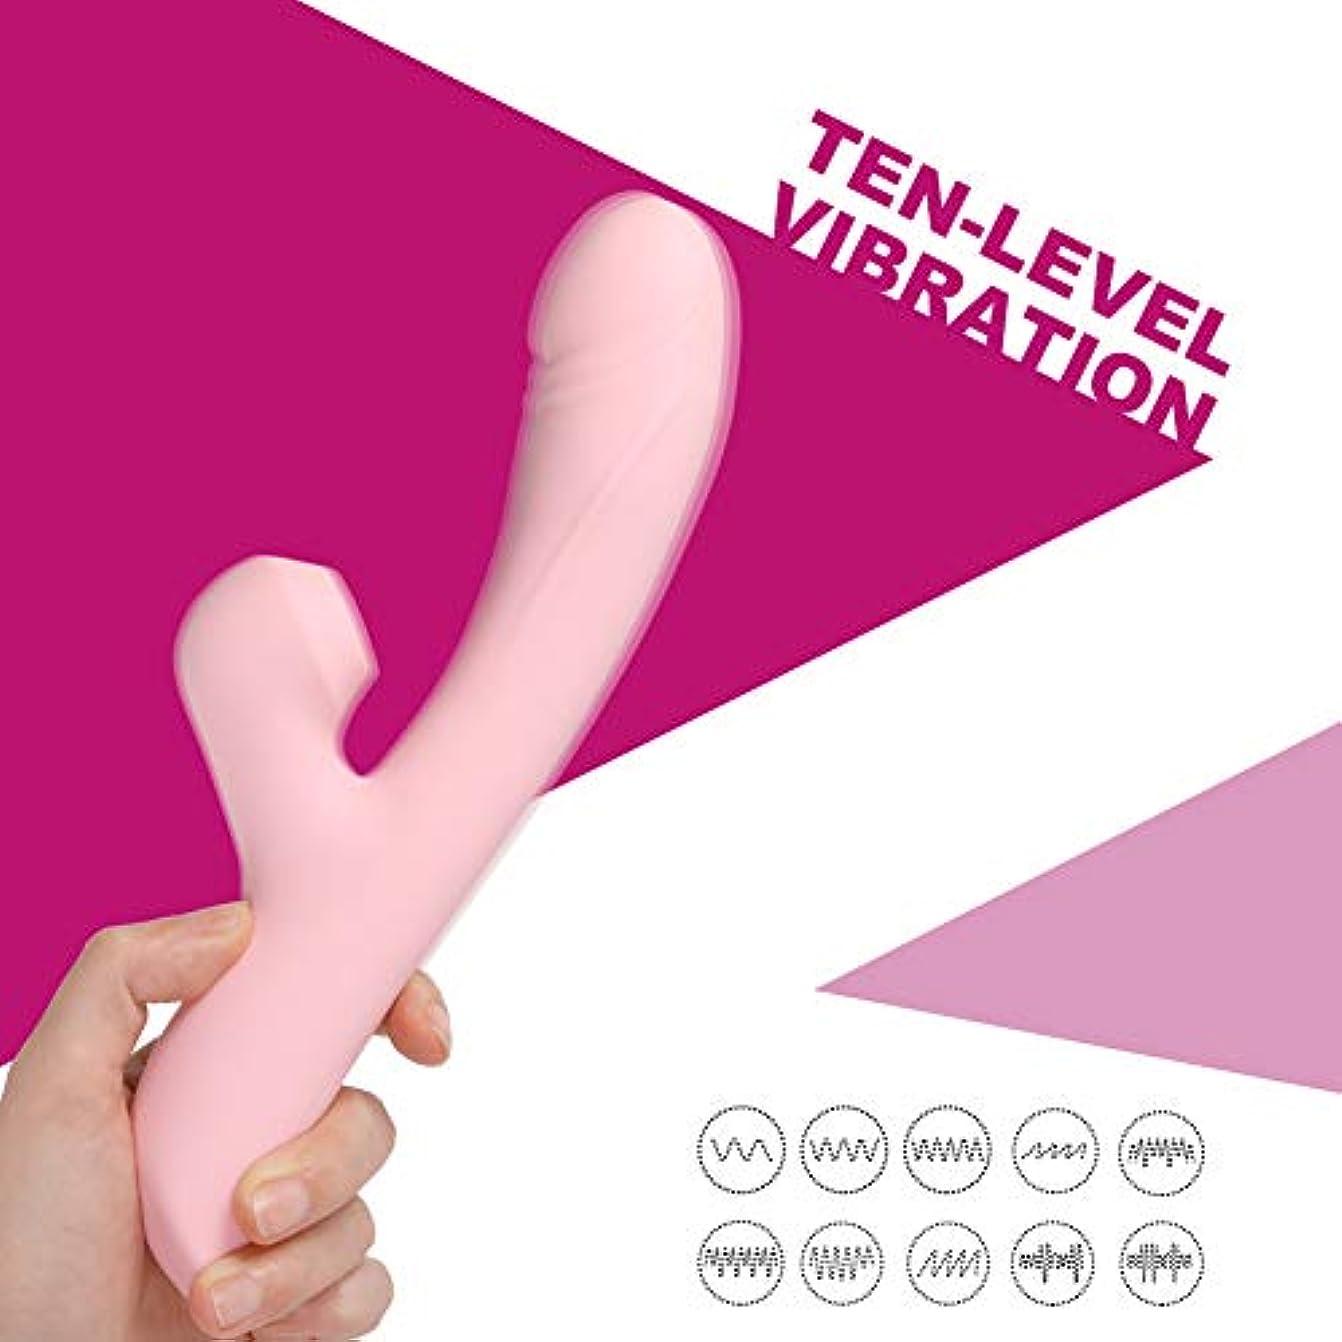 尊敬する振り向く政治的オイル セルライト バイブレーターUSB充電式 AVマジック ワンドバイブレーター マッサージャー 大人のおもちゃ女性用 10スピード電動マッサージ器 42度加熱 自由に曲げられる (ピンク色)